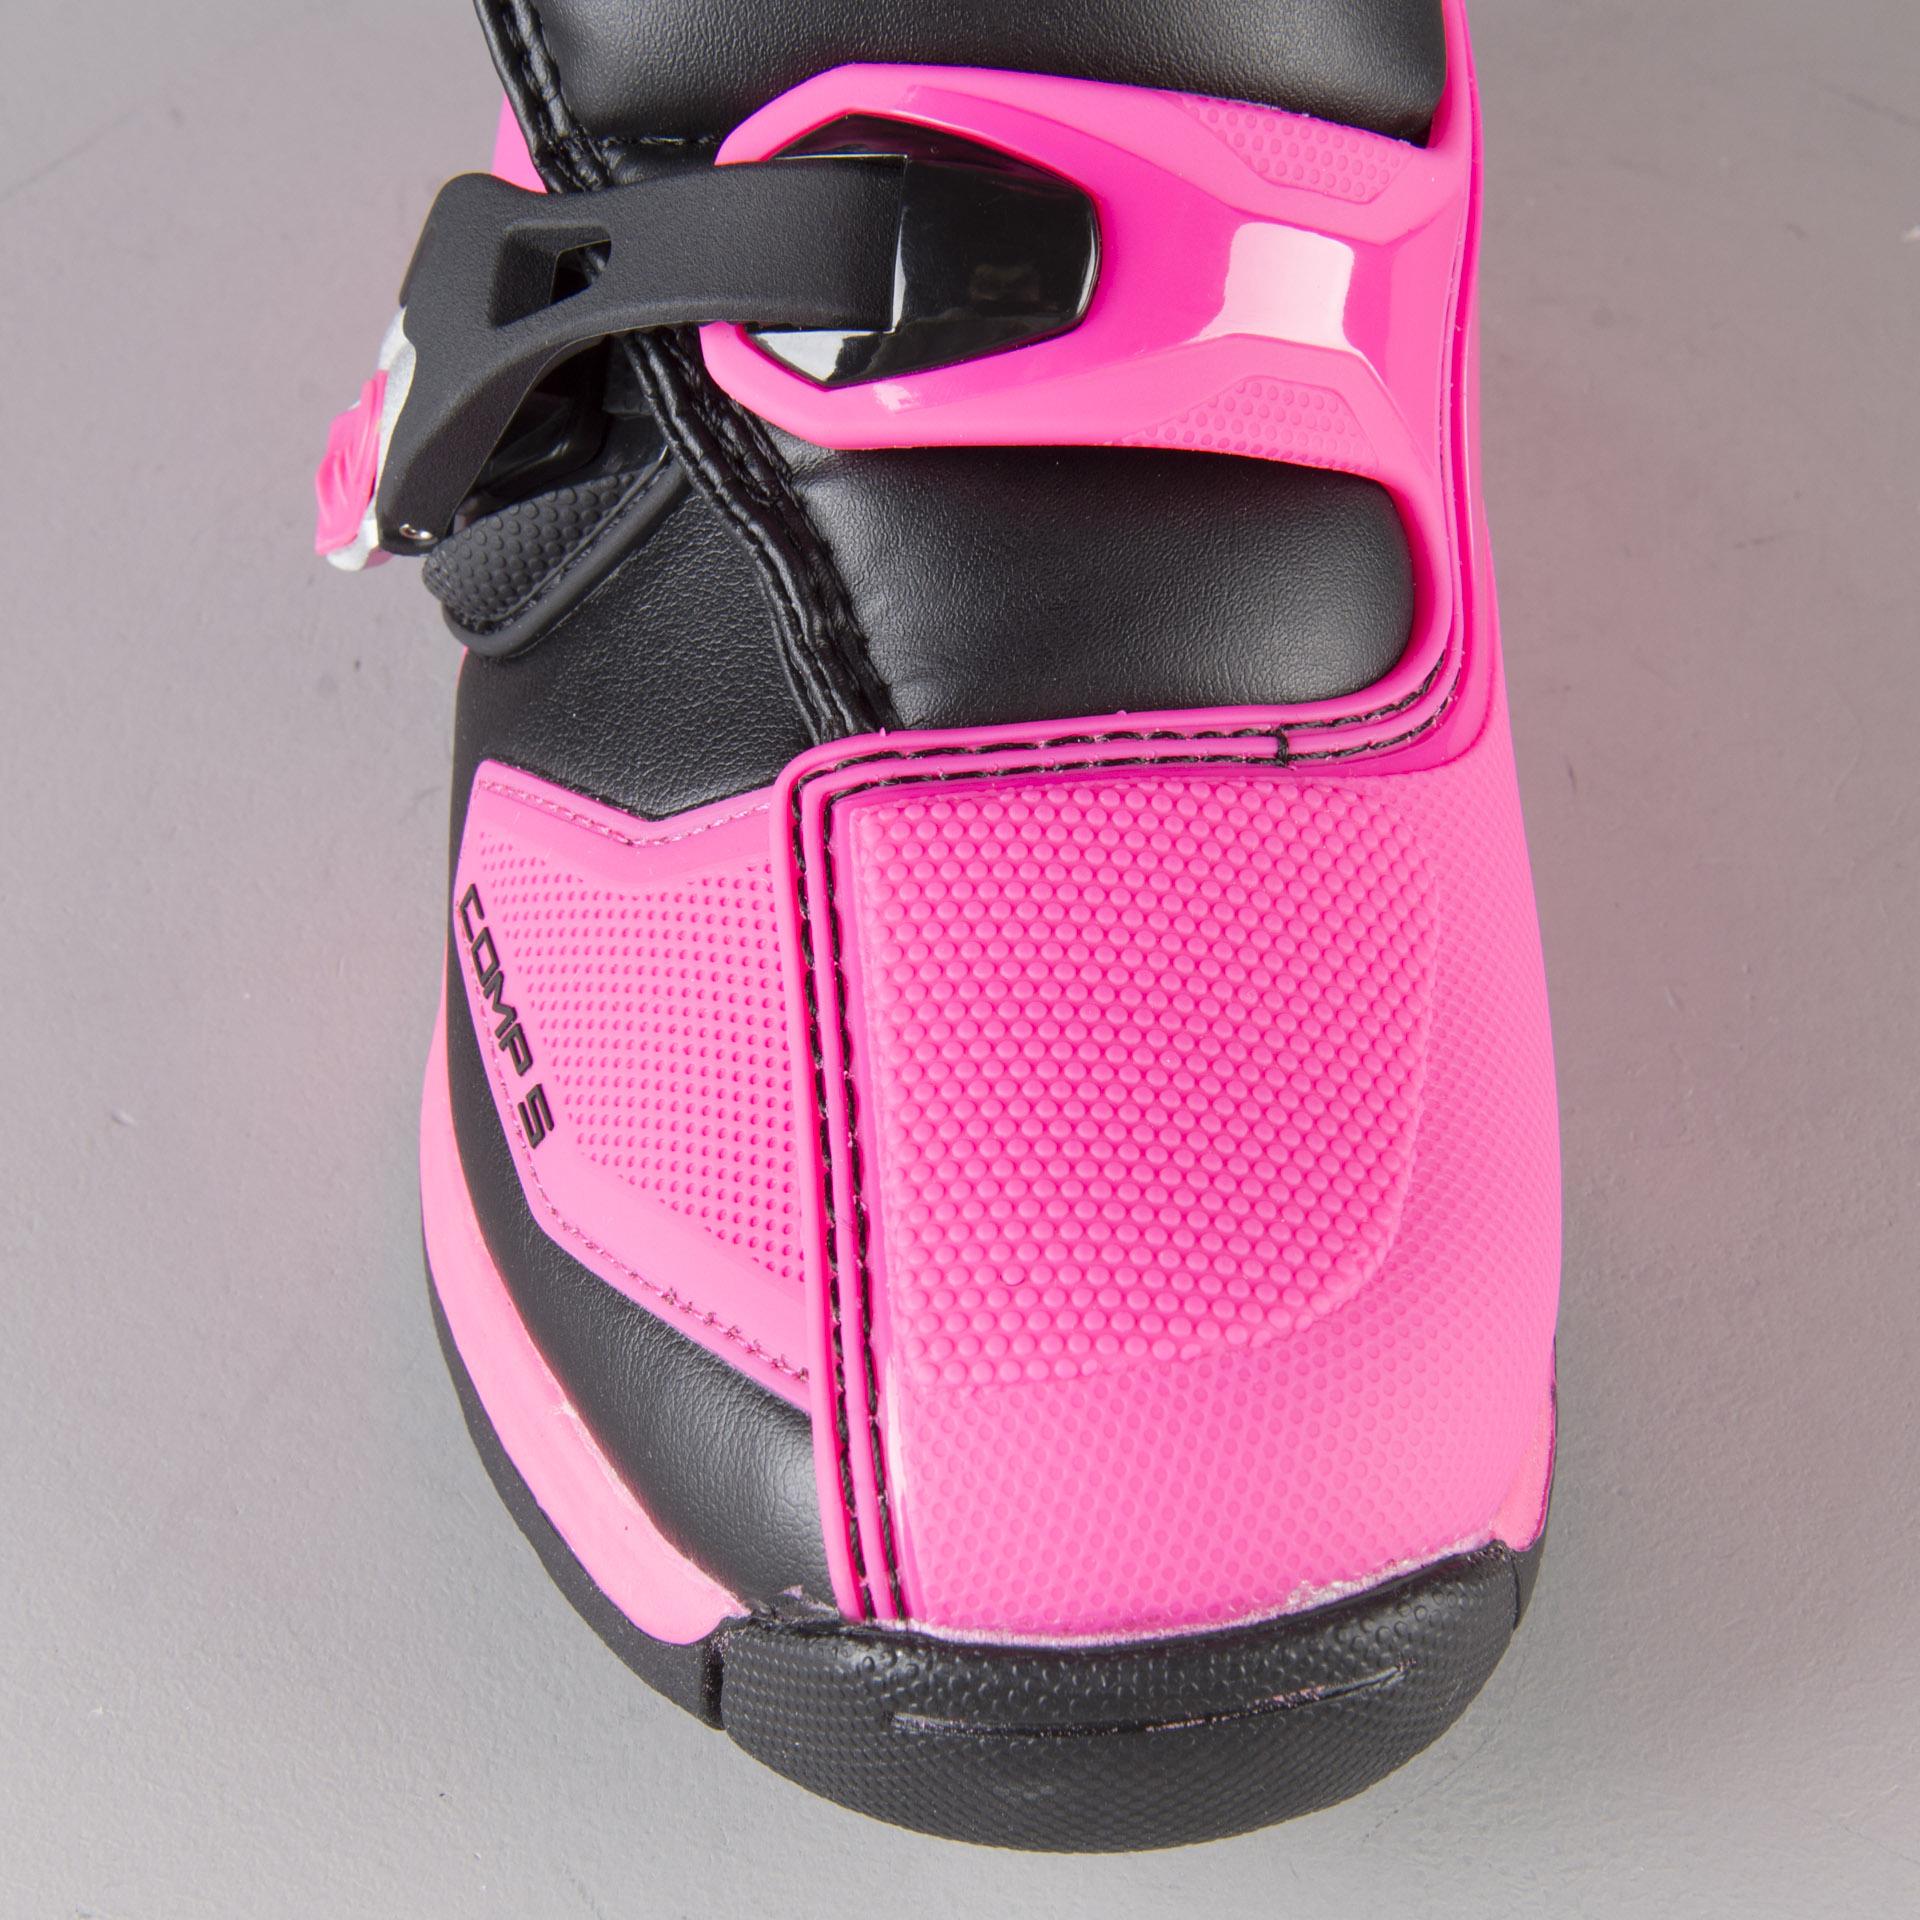 FOX Comp 5 Women´s MX Boots Black Pink Buy now, get 57